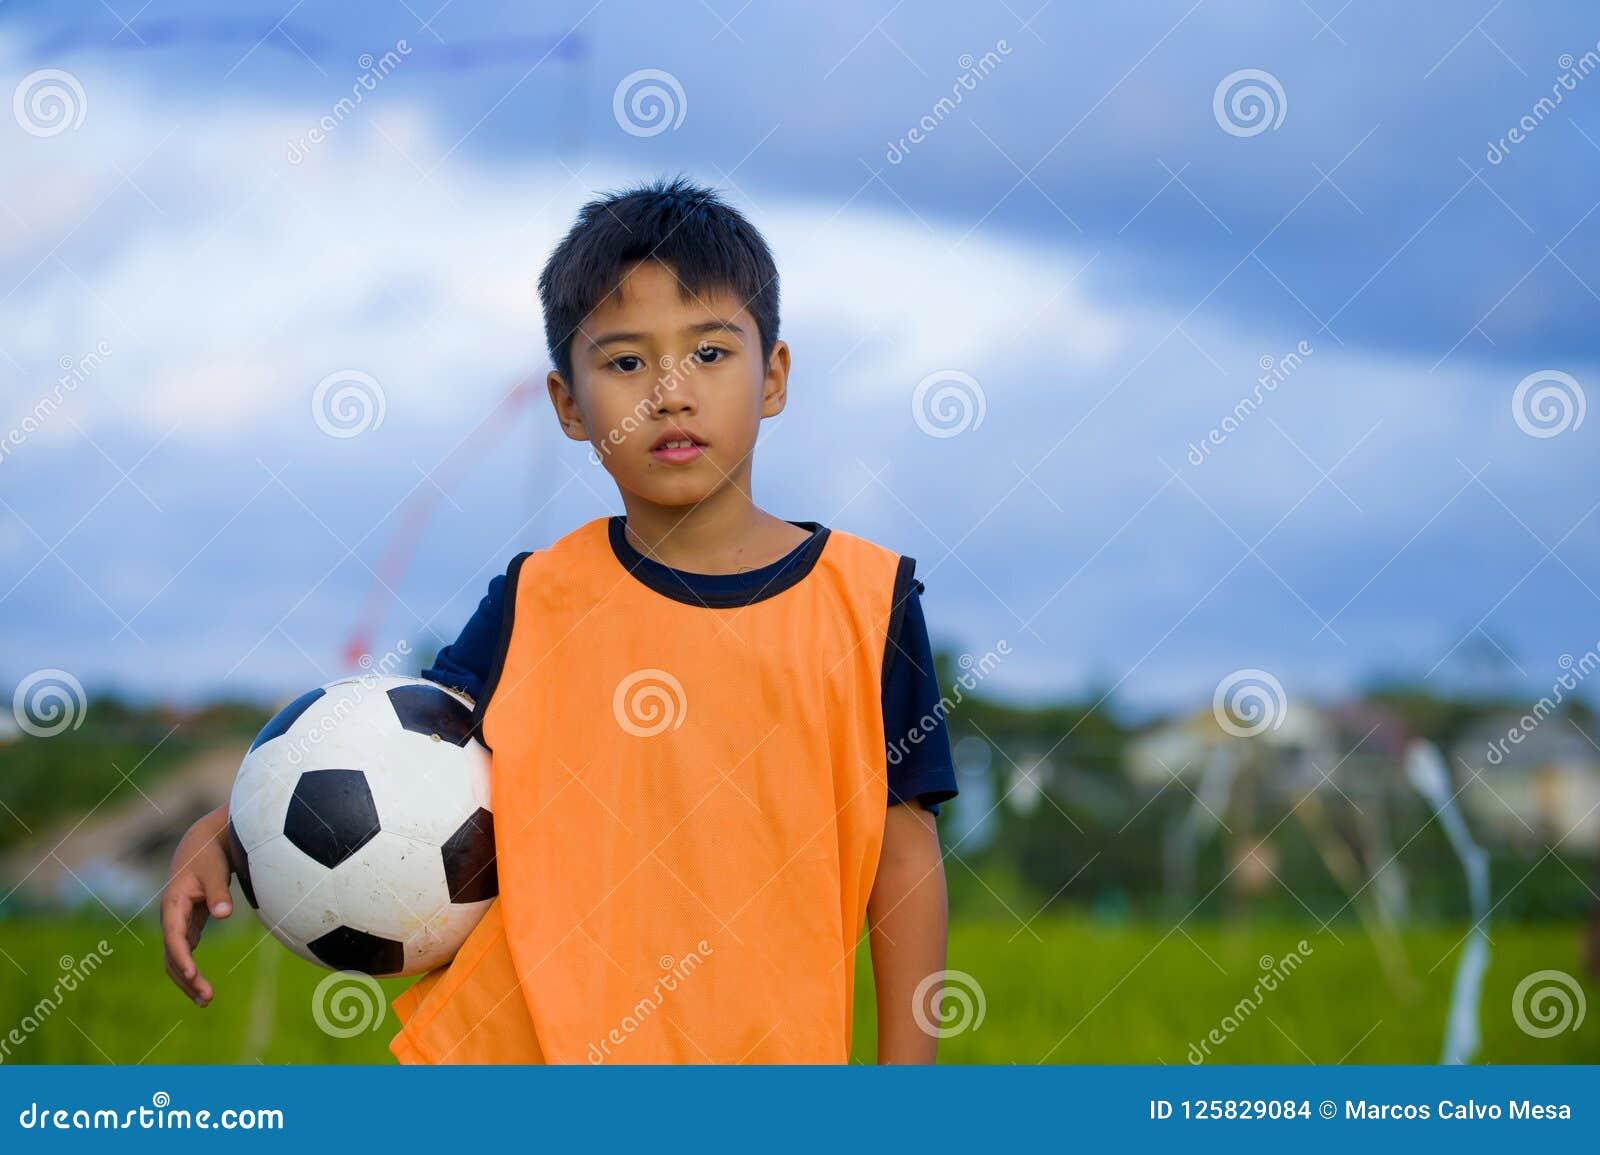 Retrato de la forma de vida del muchacho joven hermoso y feliz que sostiene el balón de fútbol que juega a fútbol al aire libre e